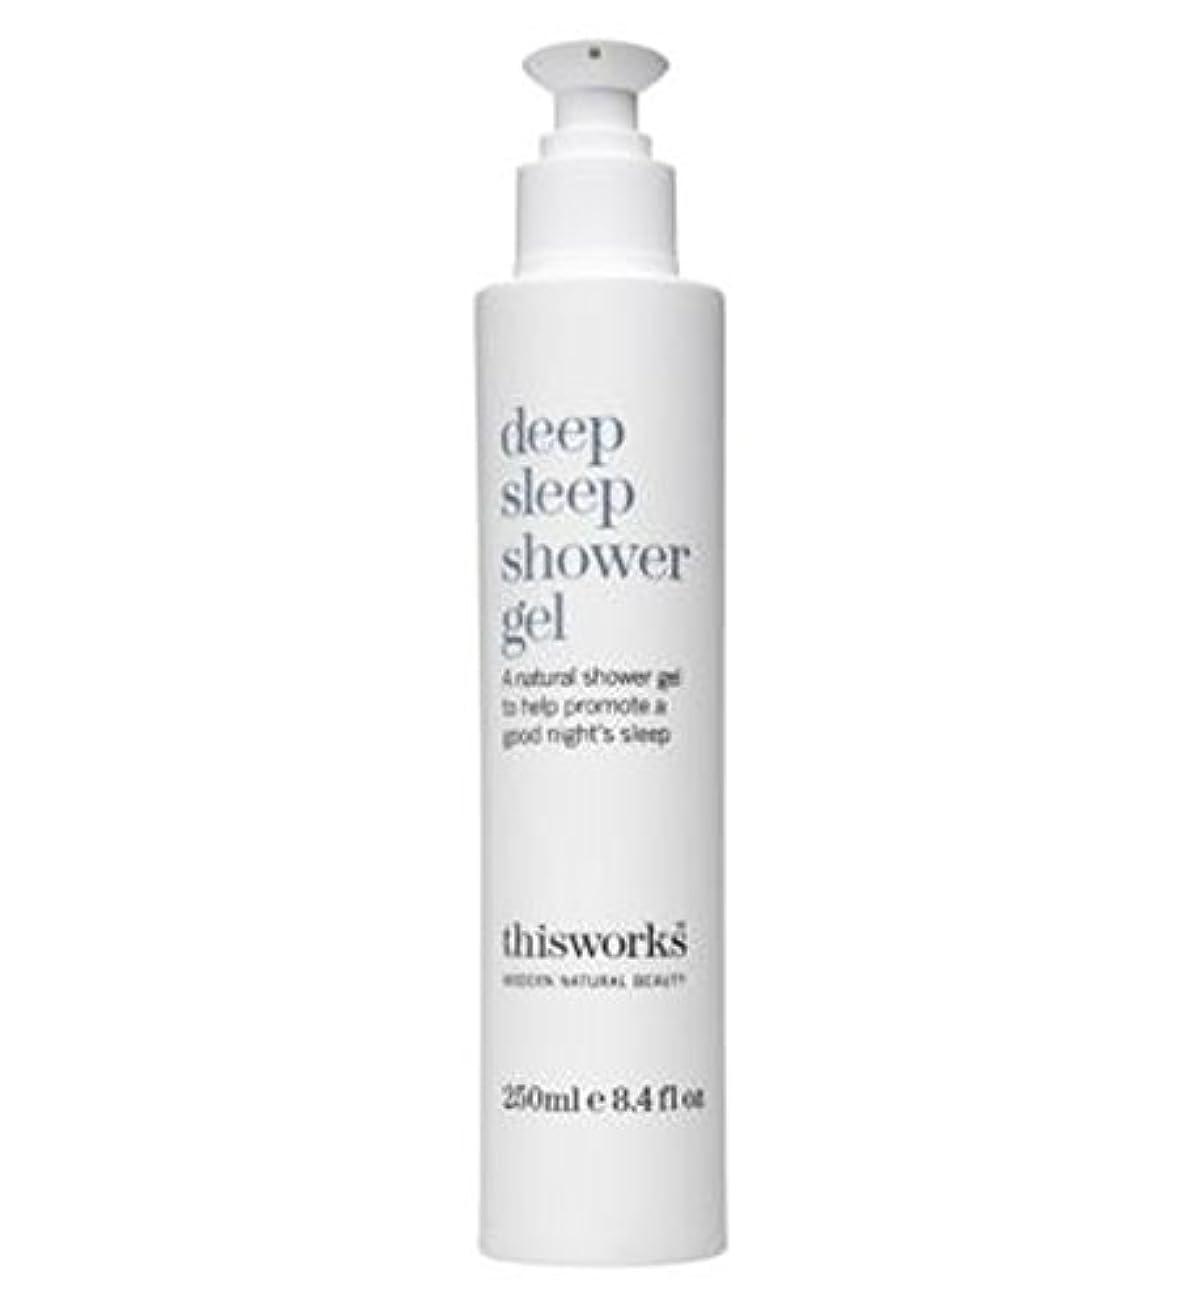 おもしろい留まるマイクロプロセッサthis works deep sleep shower gel 250ml - これは、深い眠りシャワージェル250ミリリットルの作品 (This Works) [並行輸入品]